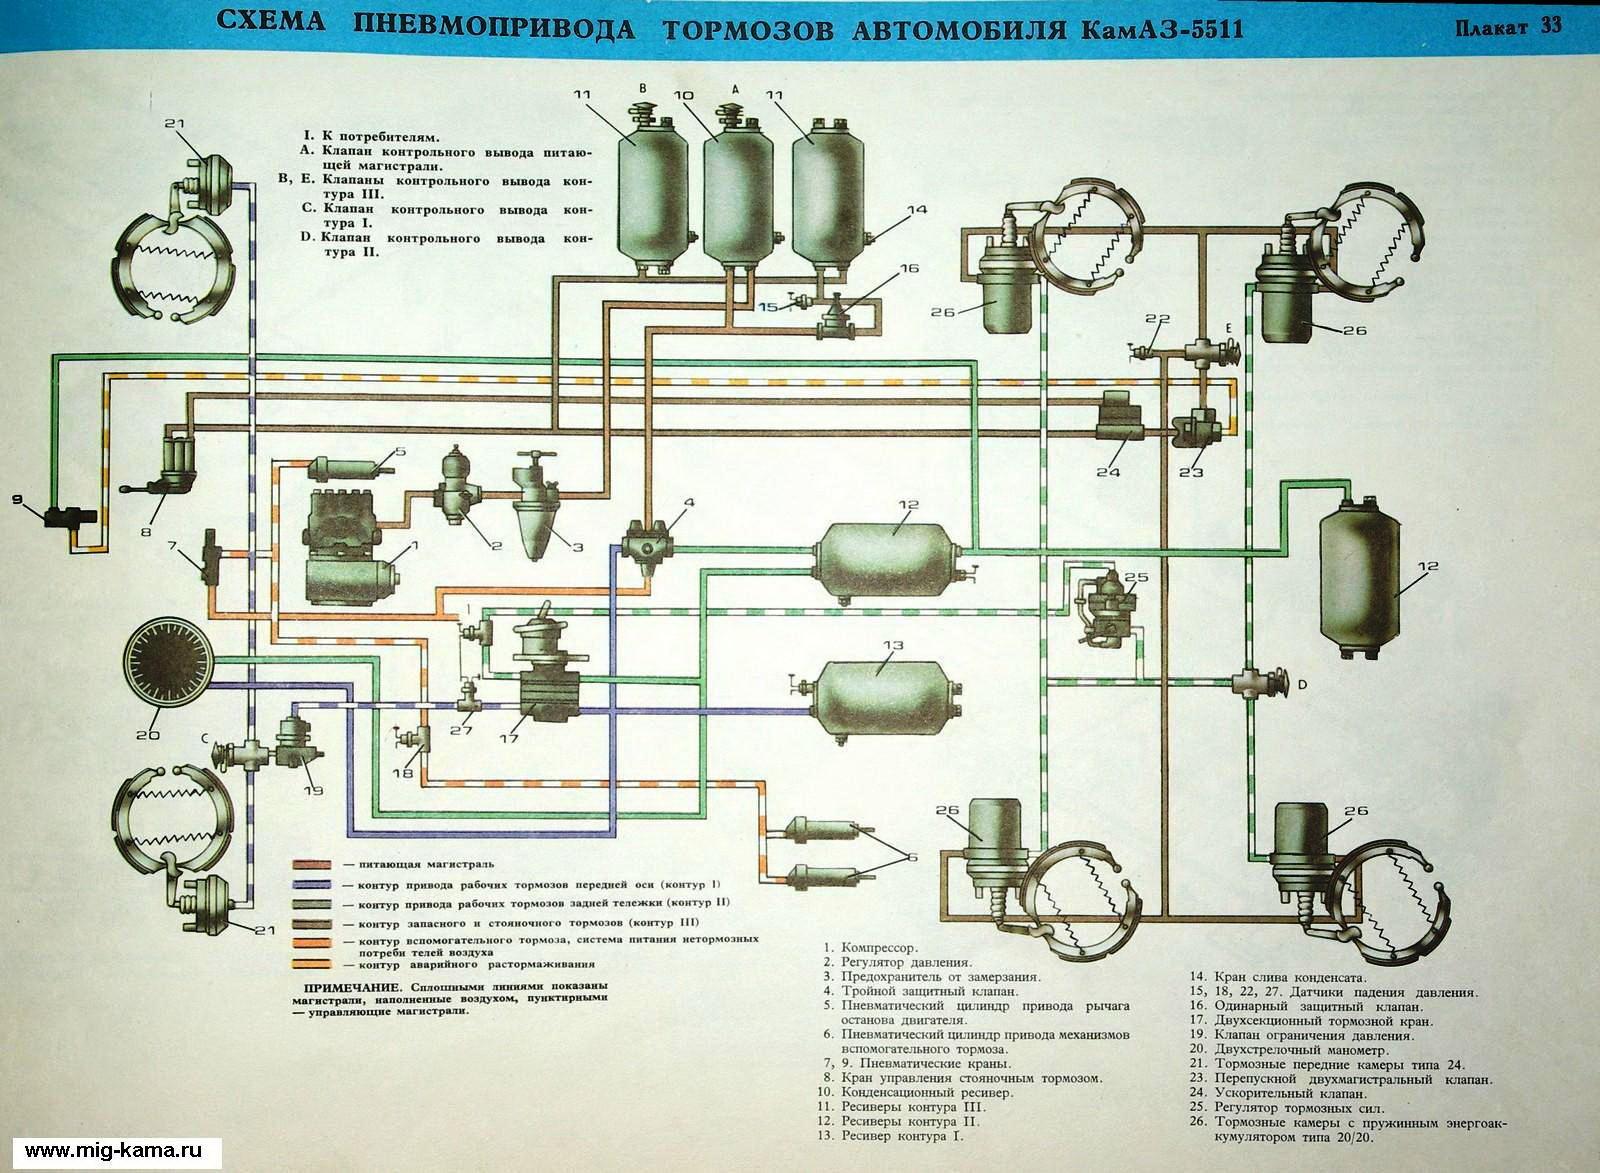 Схема воздушной системы камаз